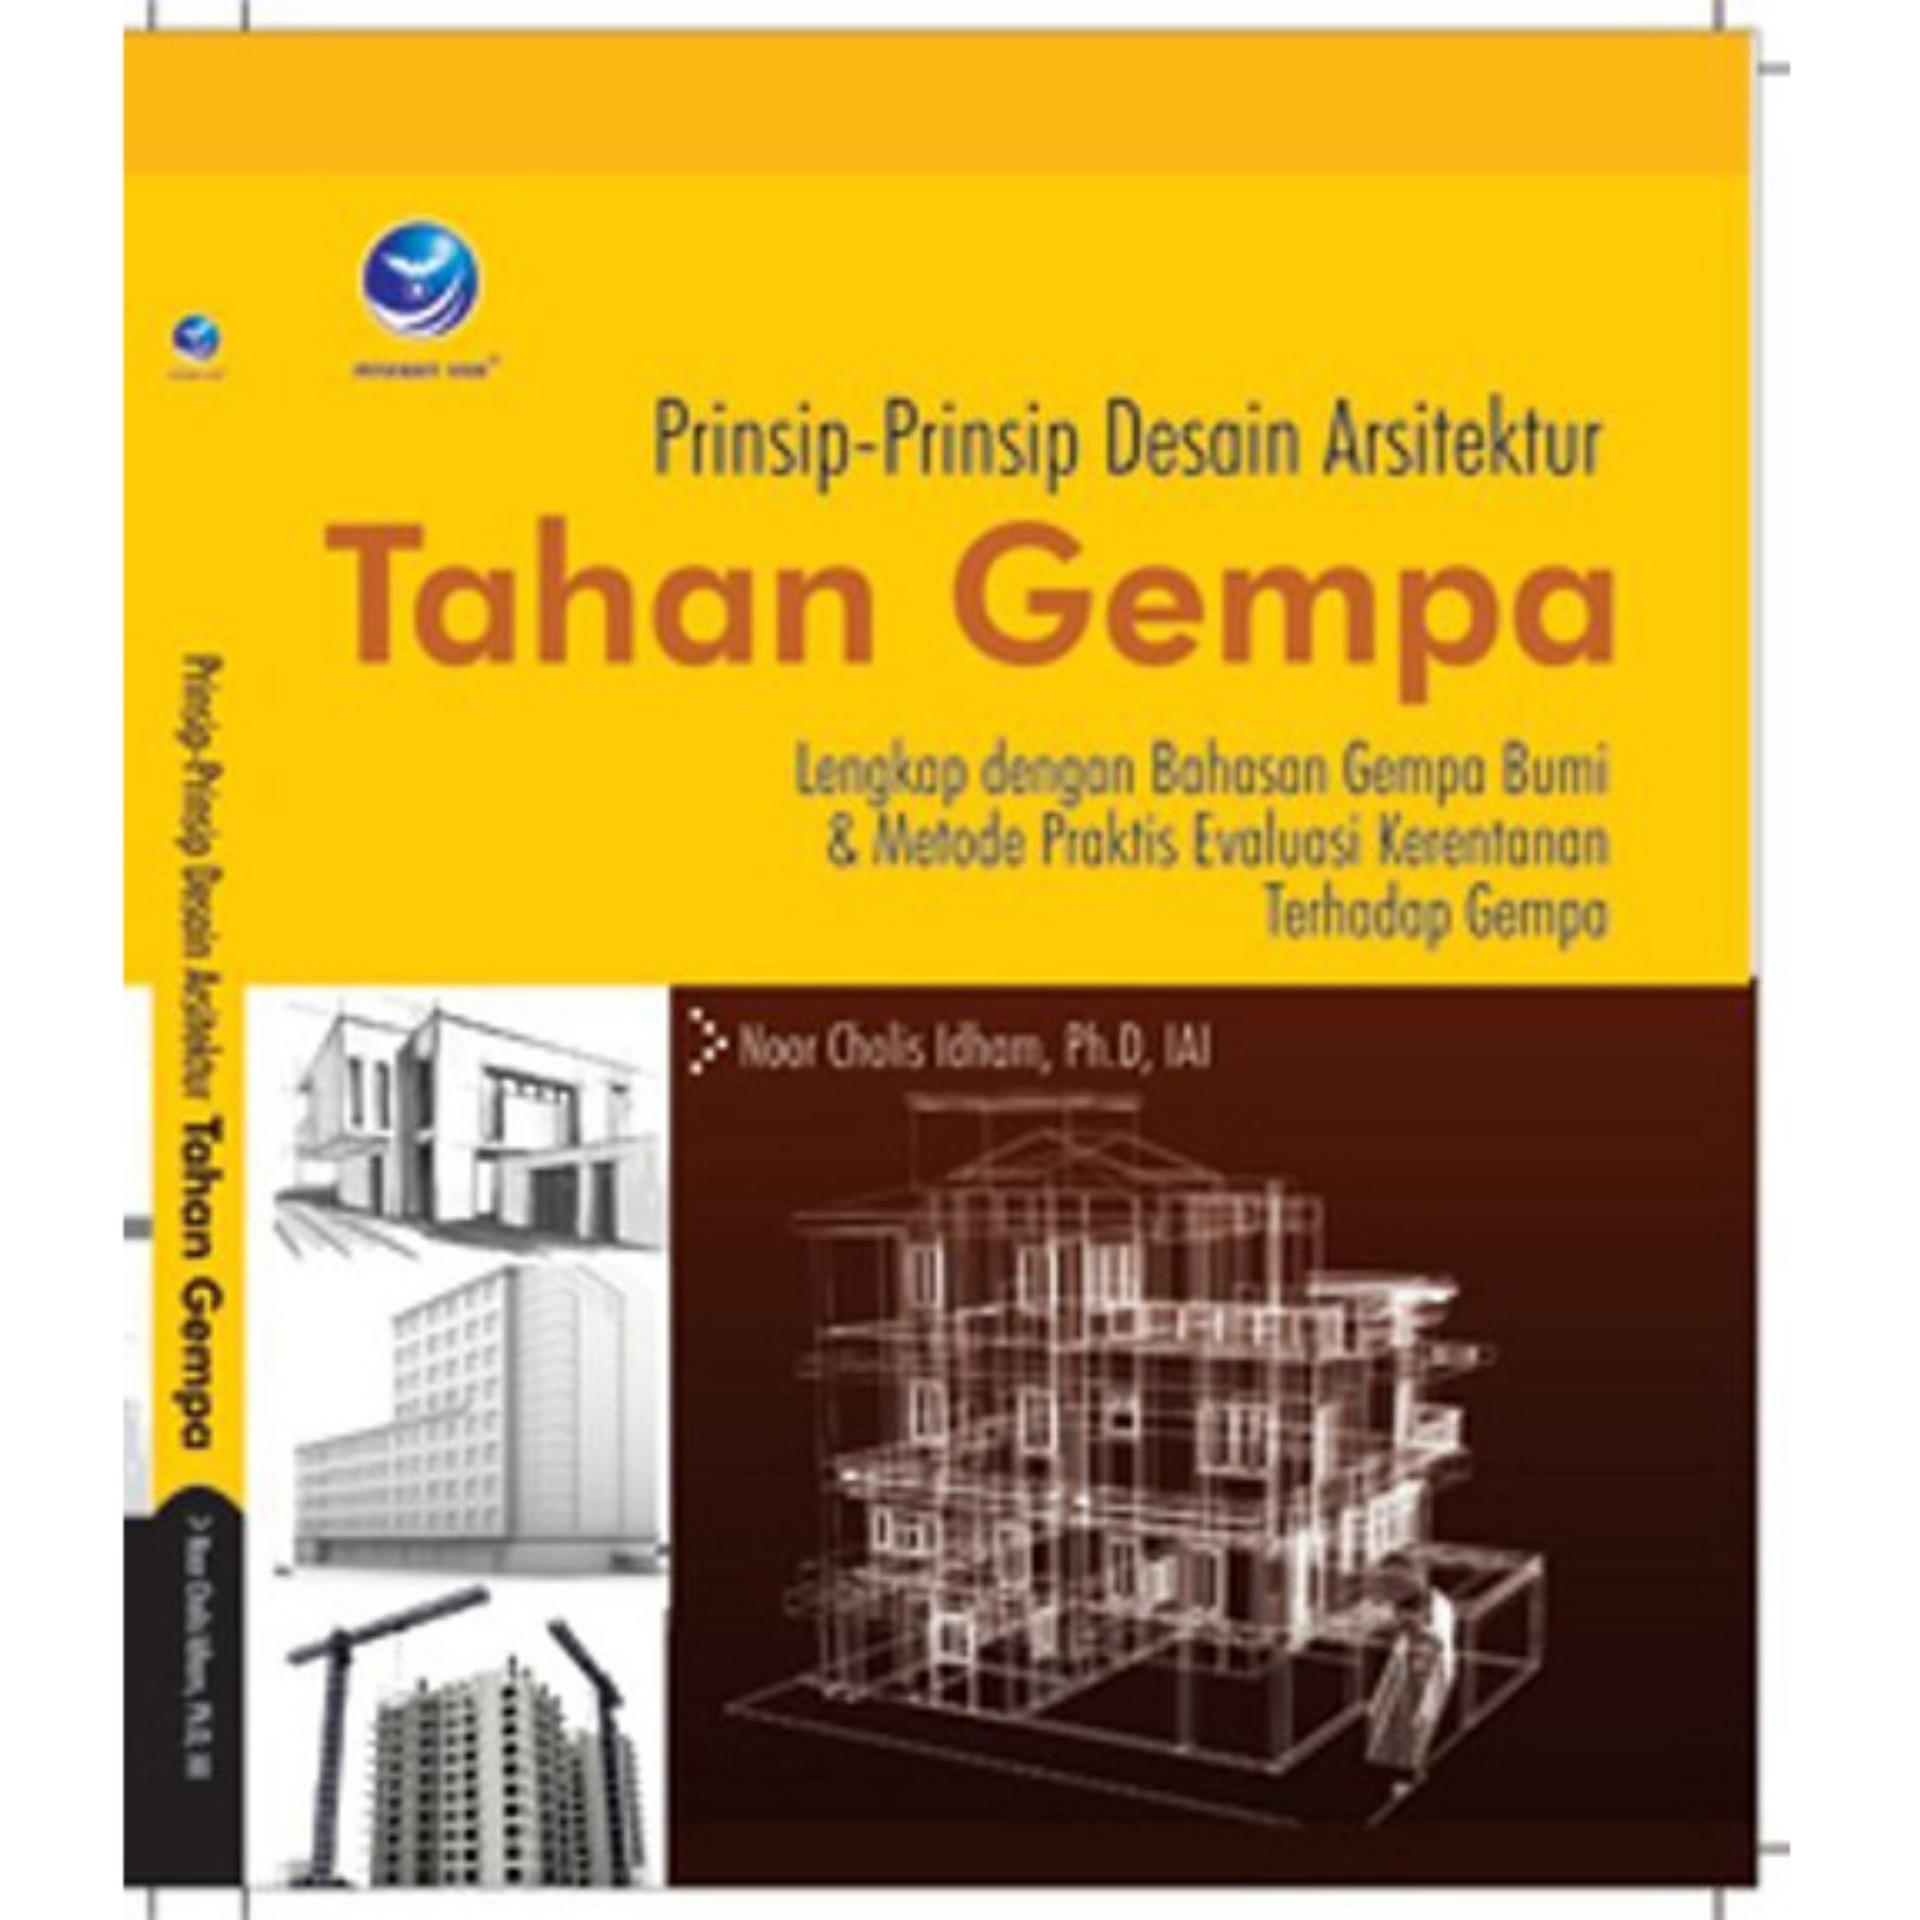 Prinsip-Prinsip Desain Arsitektur Tahan Gempa, Lengkap Dengan Bahasan Gempa Bumi Dan Metode Praktis Evaluasi Kerentanan Terhadap Gempa